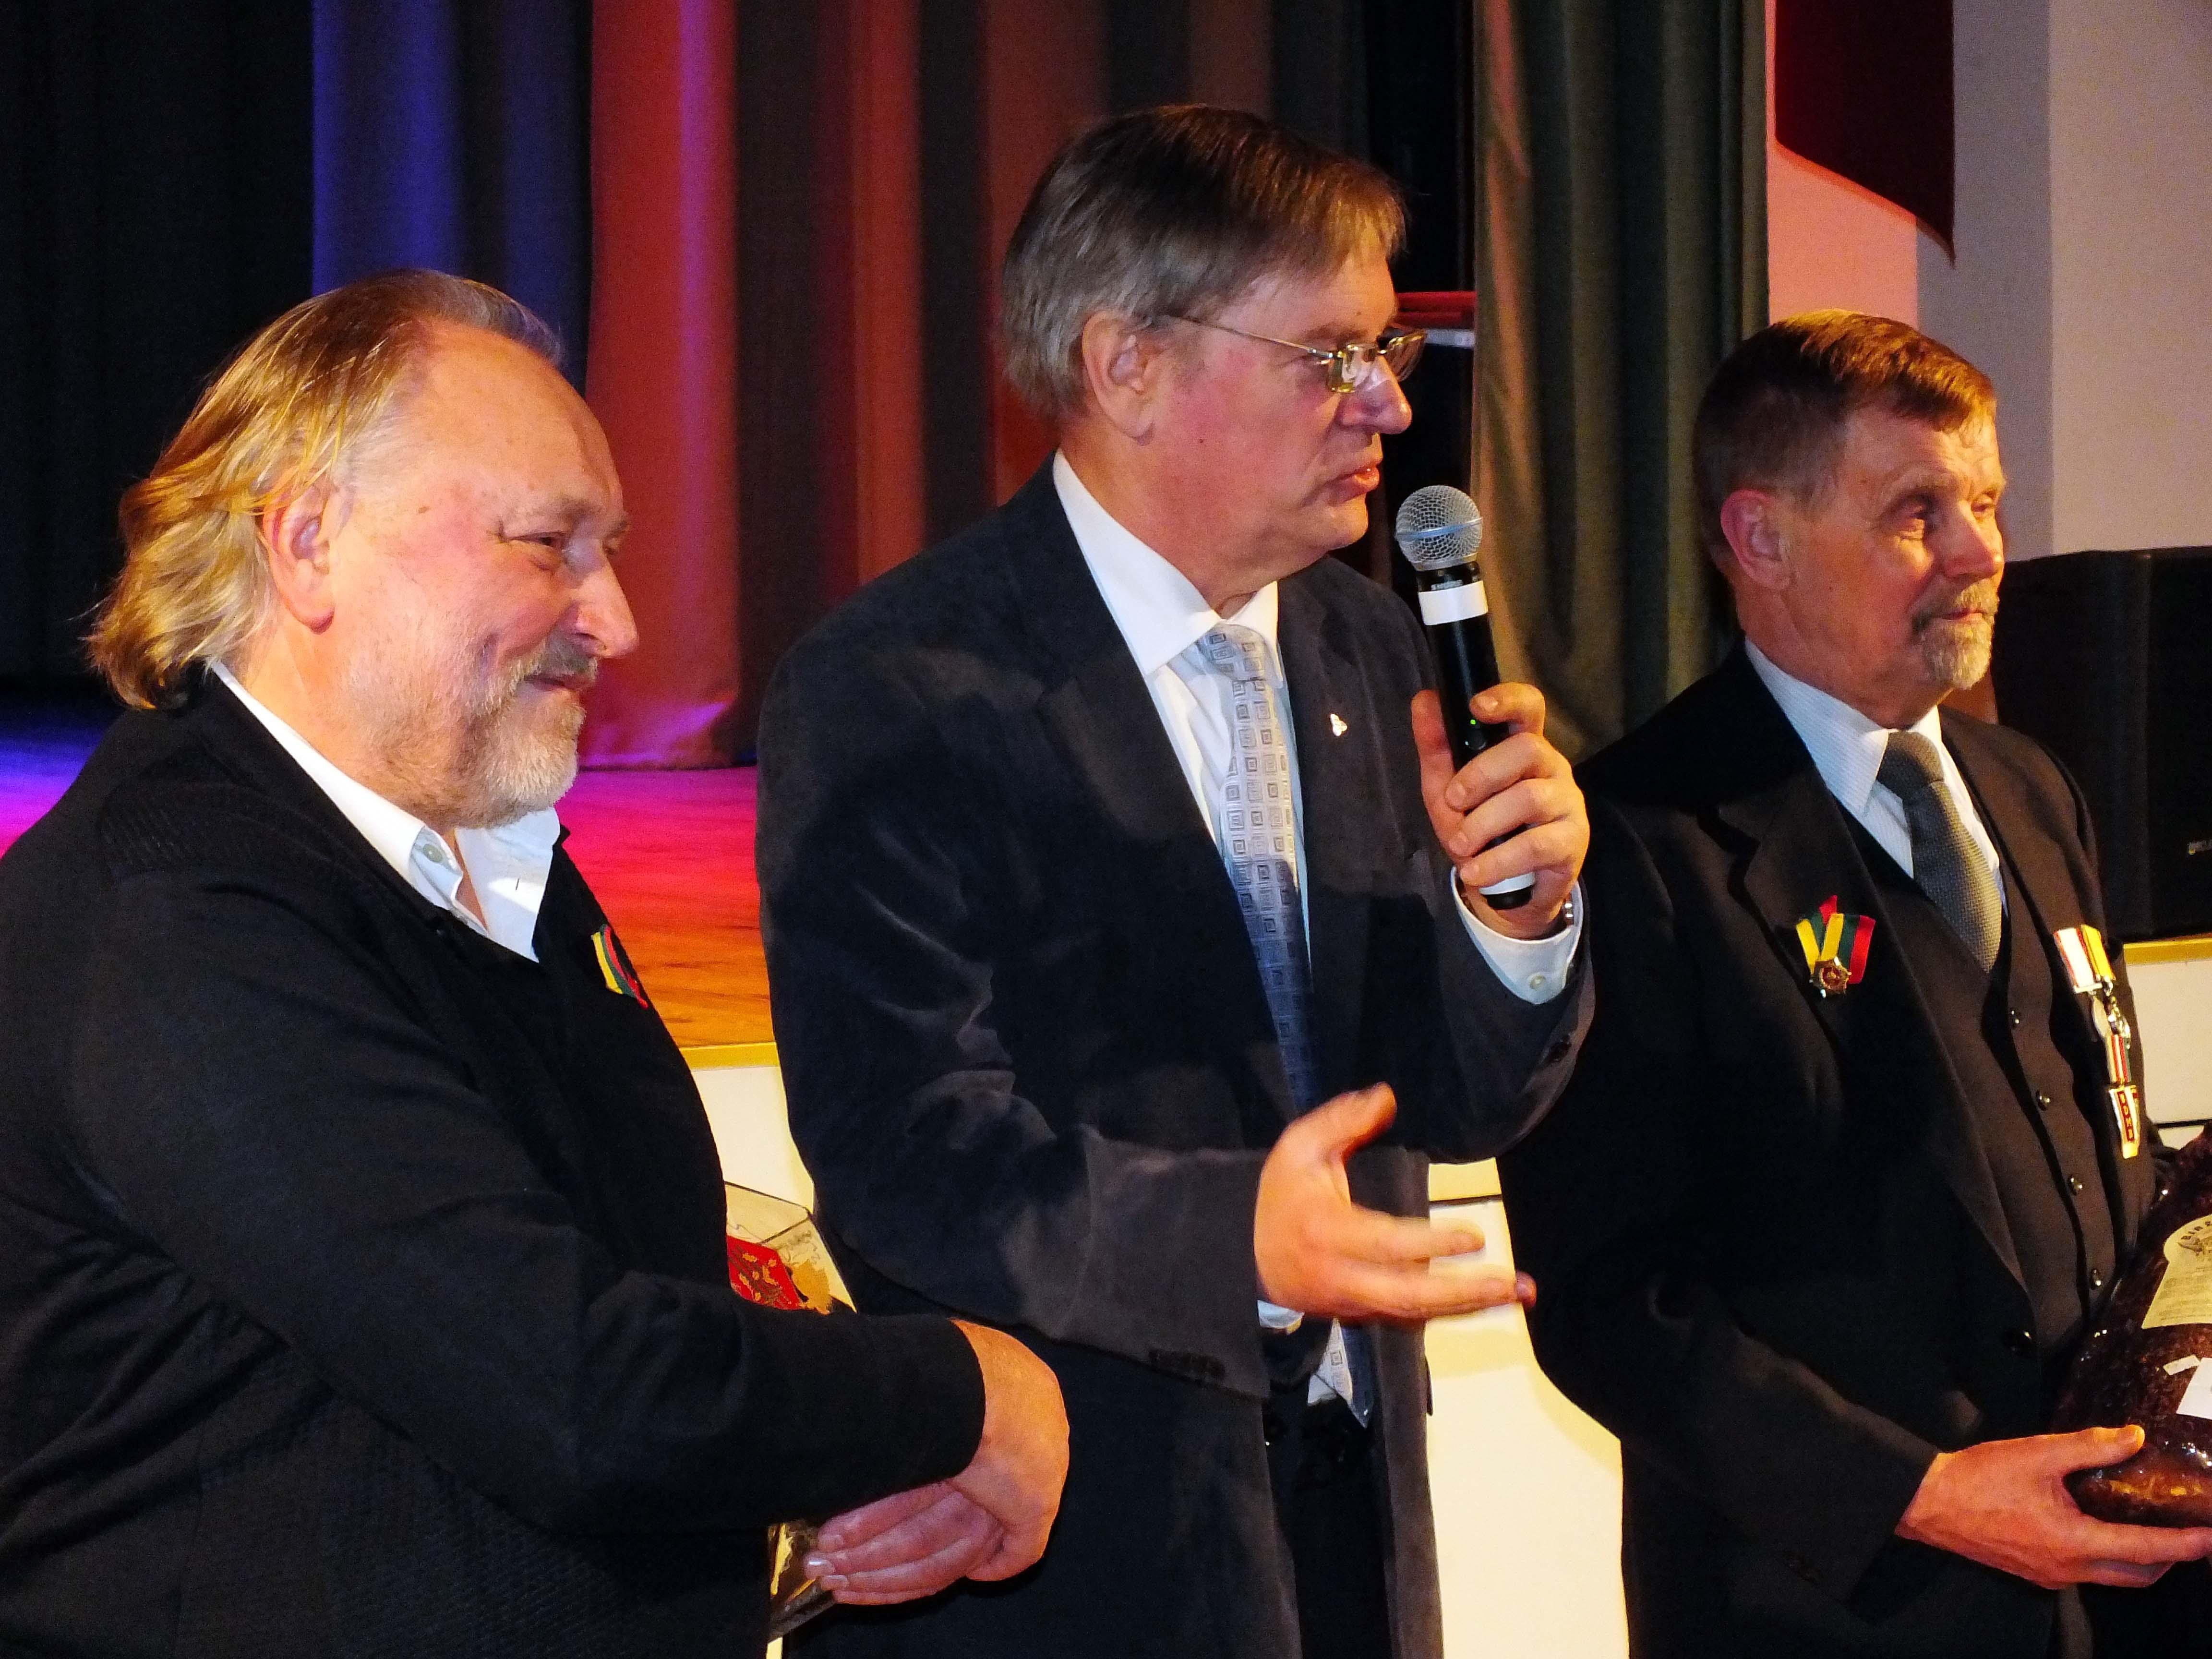 Iš kairės: G. Aukštikalnis, R. Ražukas ir P. Paleckis | P. Šimkavičiaus nuotr.